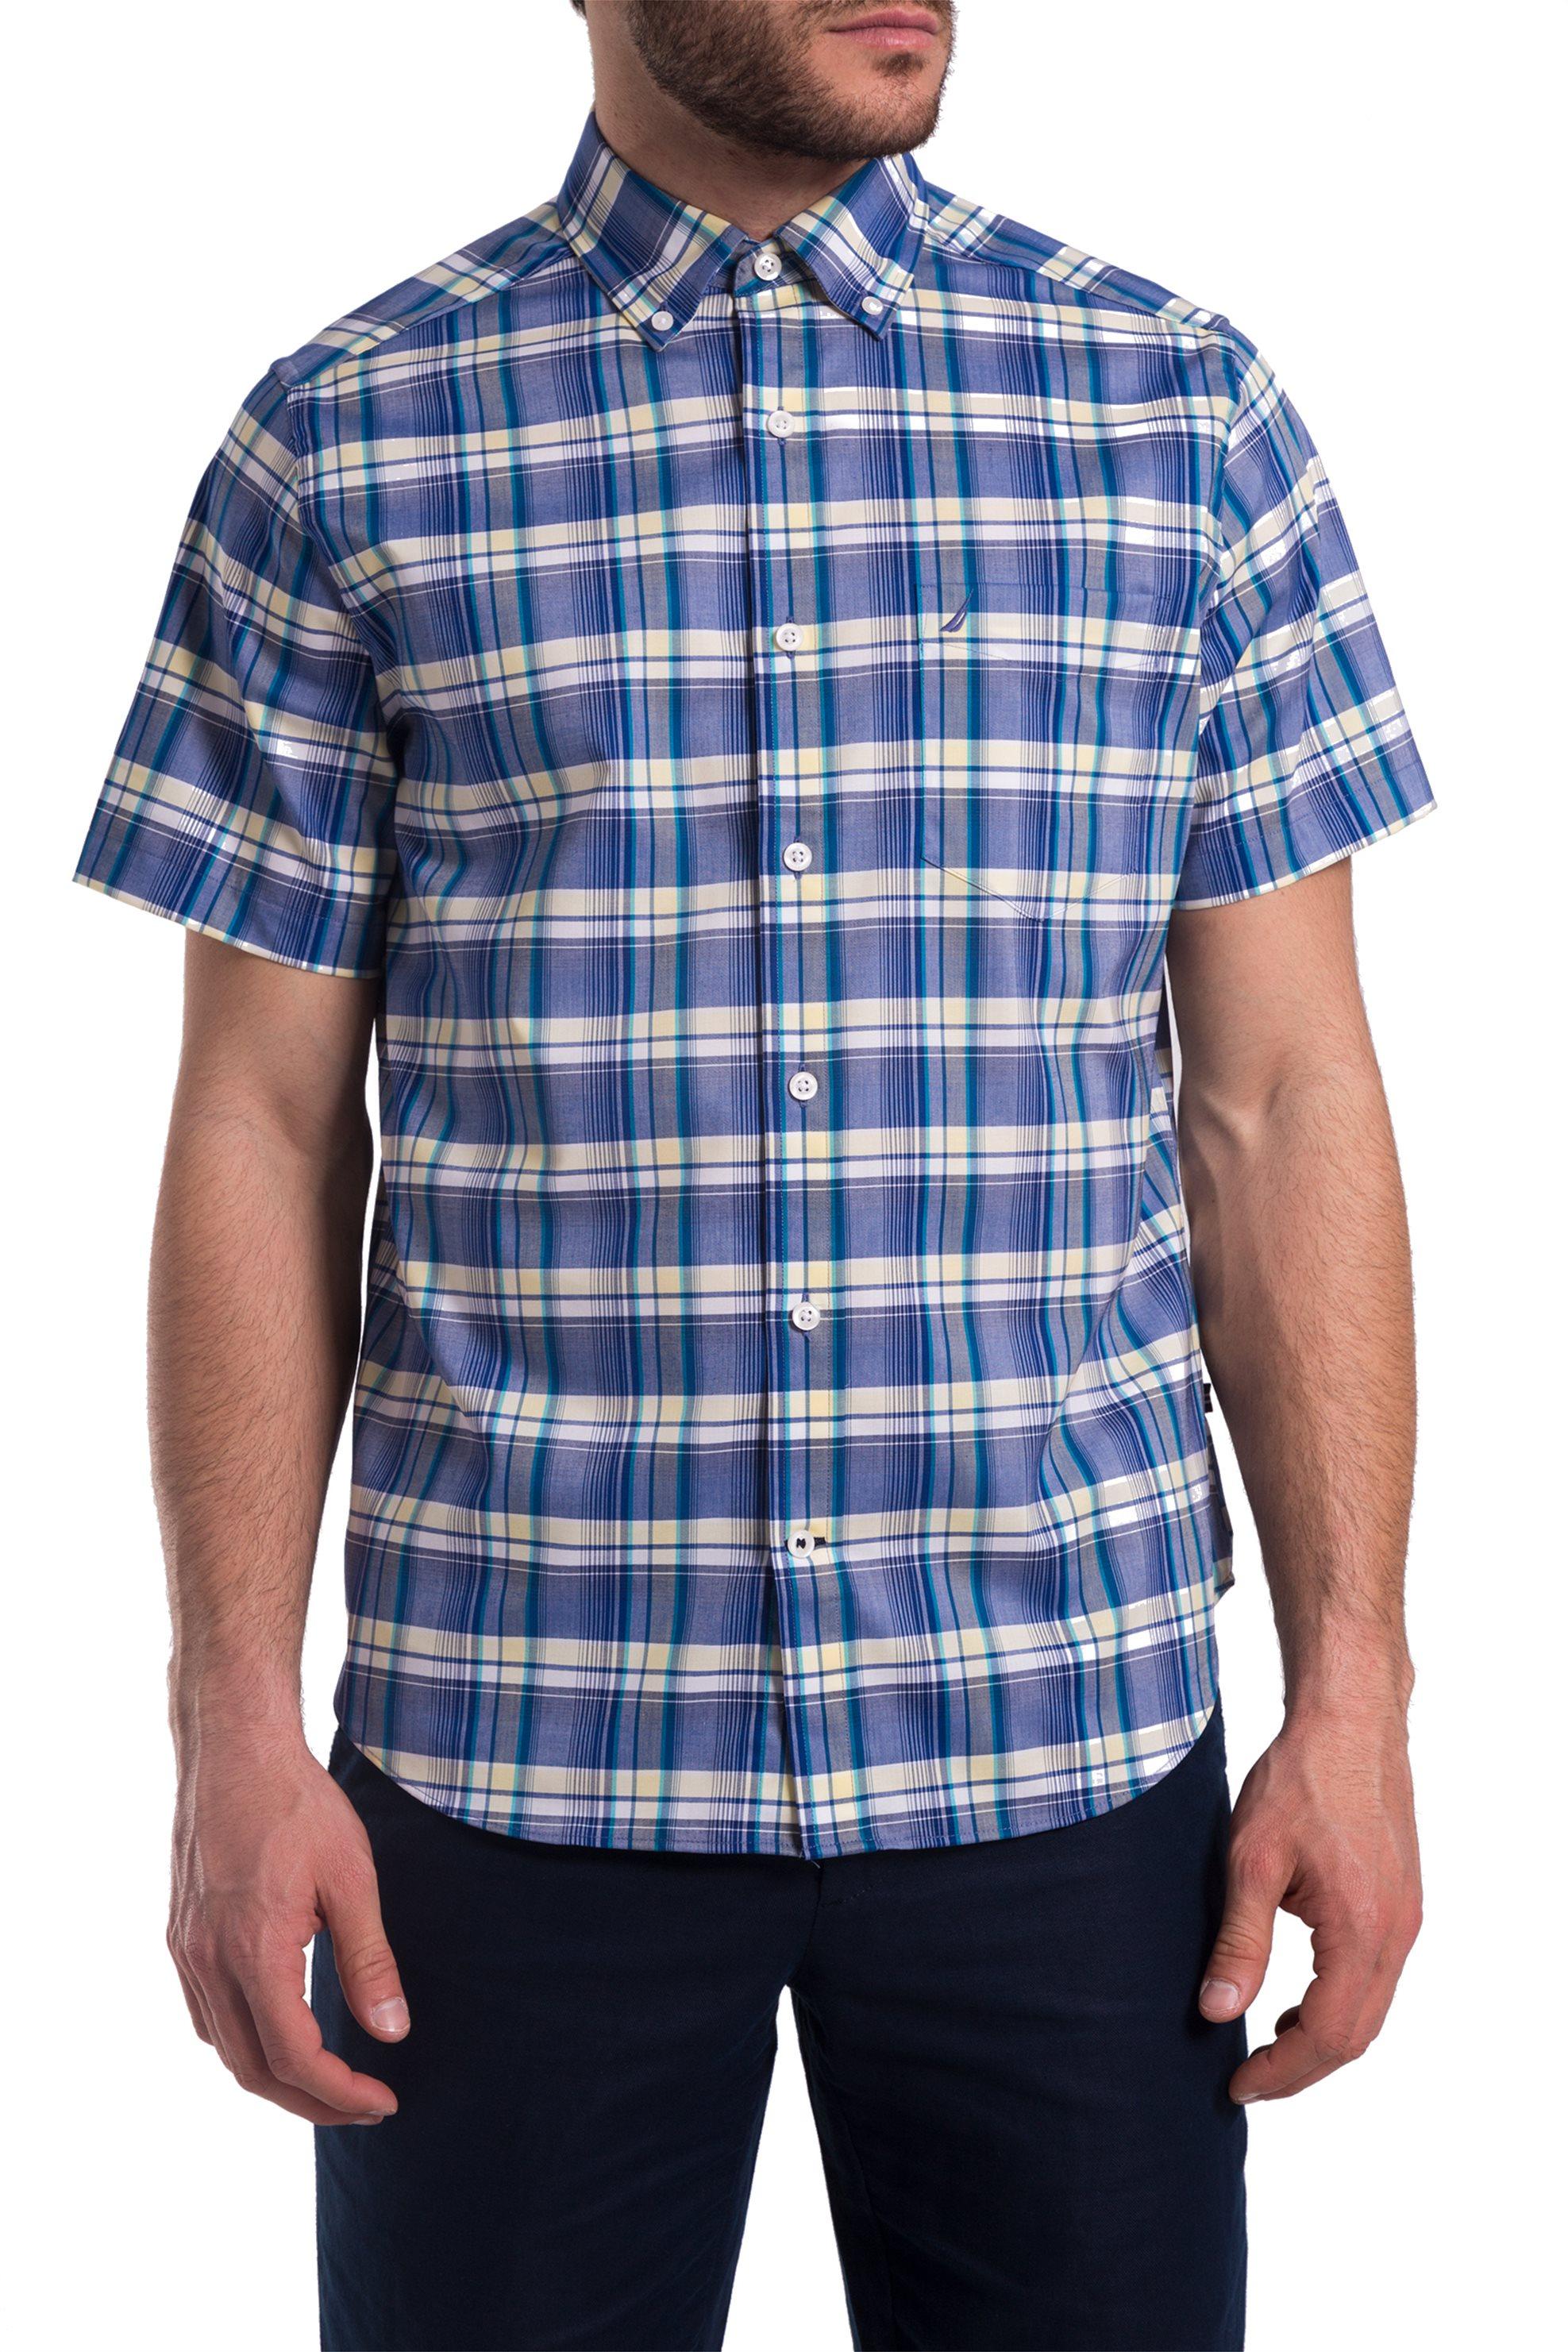 c5d293e77aa3 Ανδρικό καρό πουκάμισο με κοντά μανίκια Nautica - W81274 - Μπλε